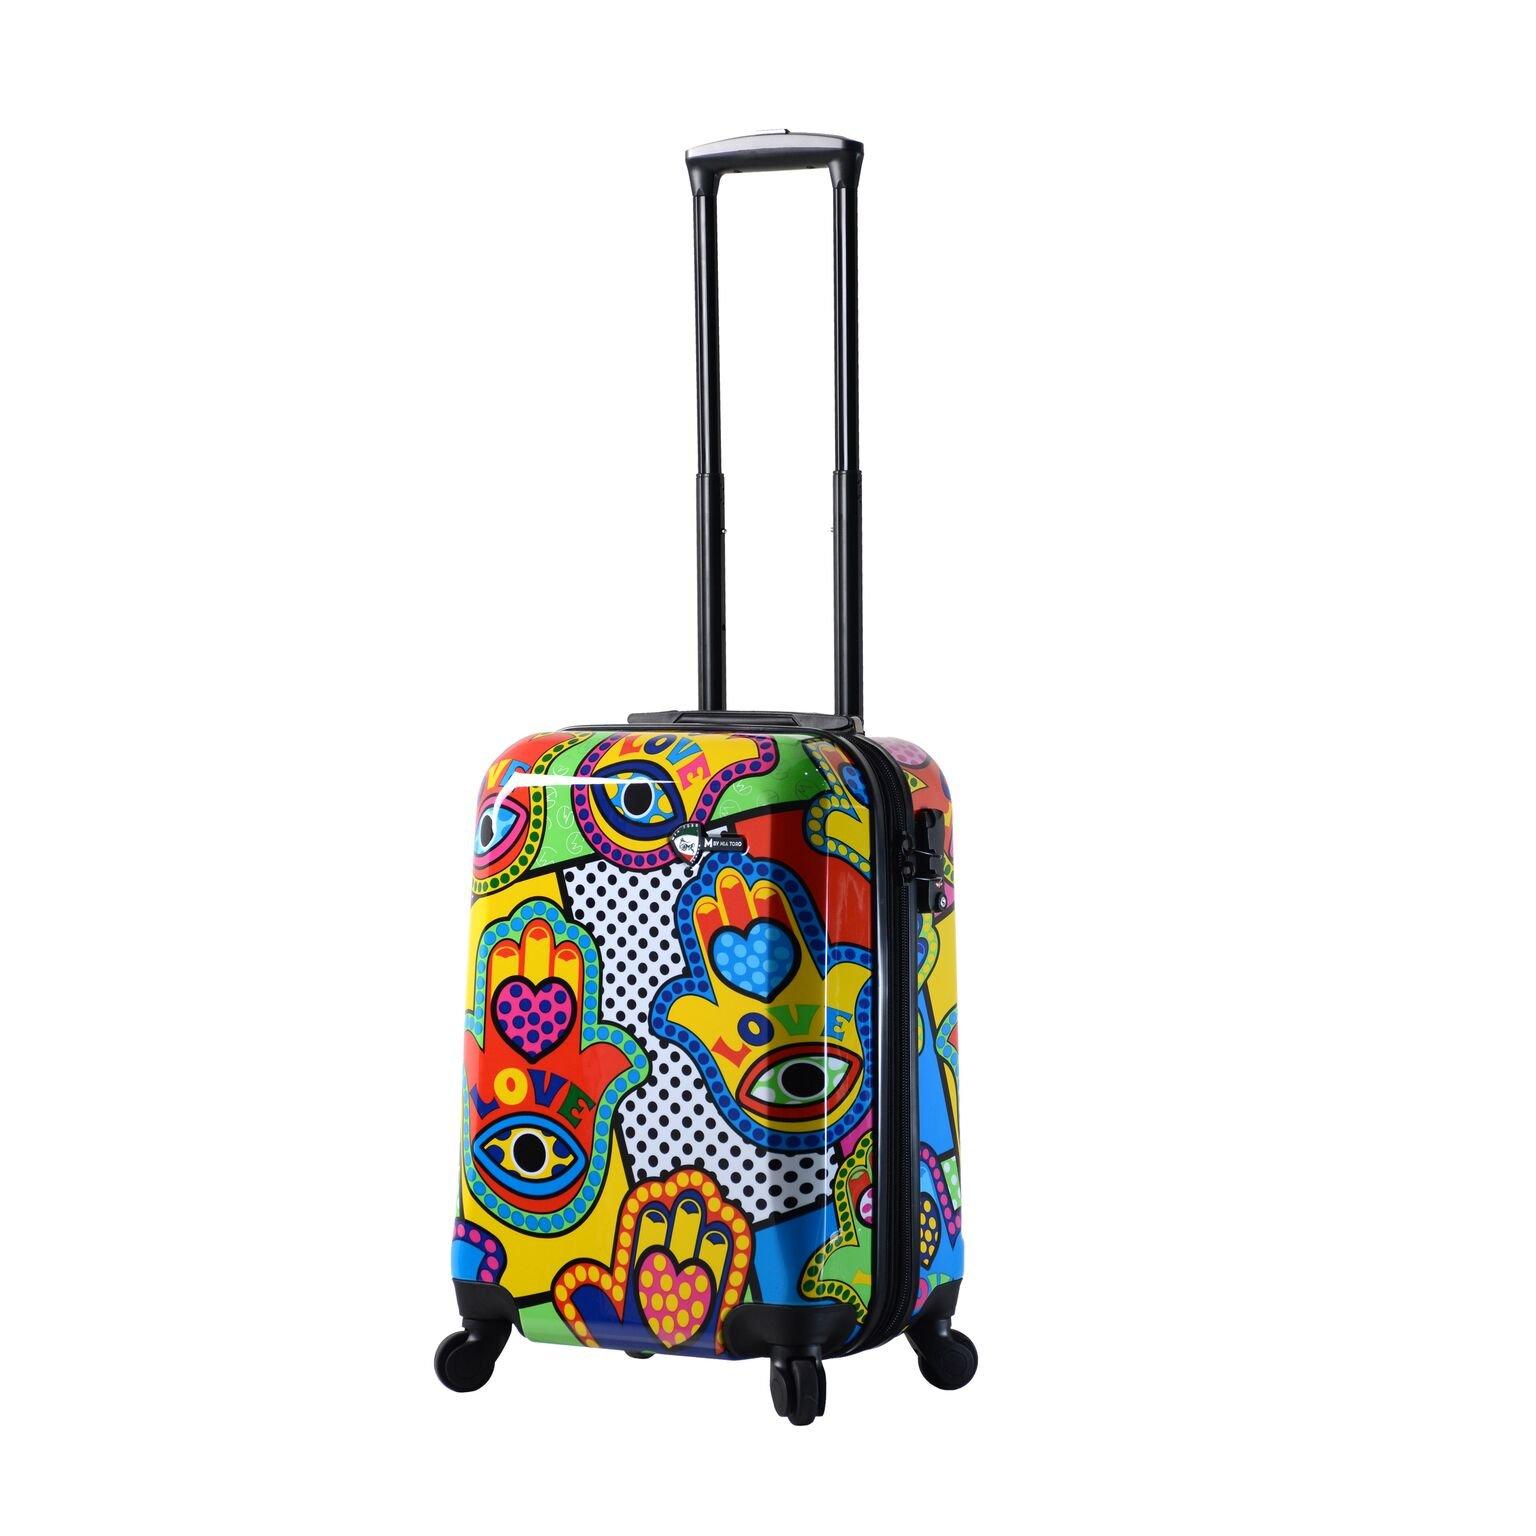 Mia Toro Italy Hamsa Love Multicolor Hard Side Spinner Luggage 20'' Carry-on, Multi